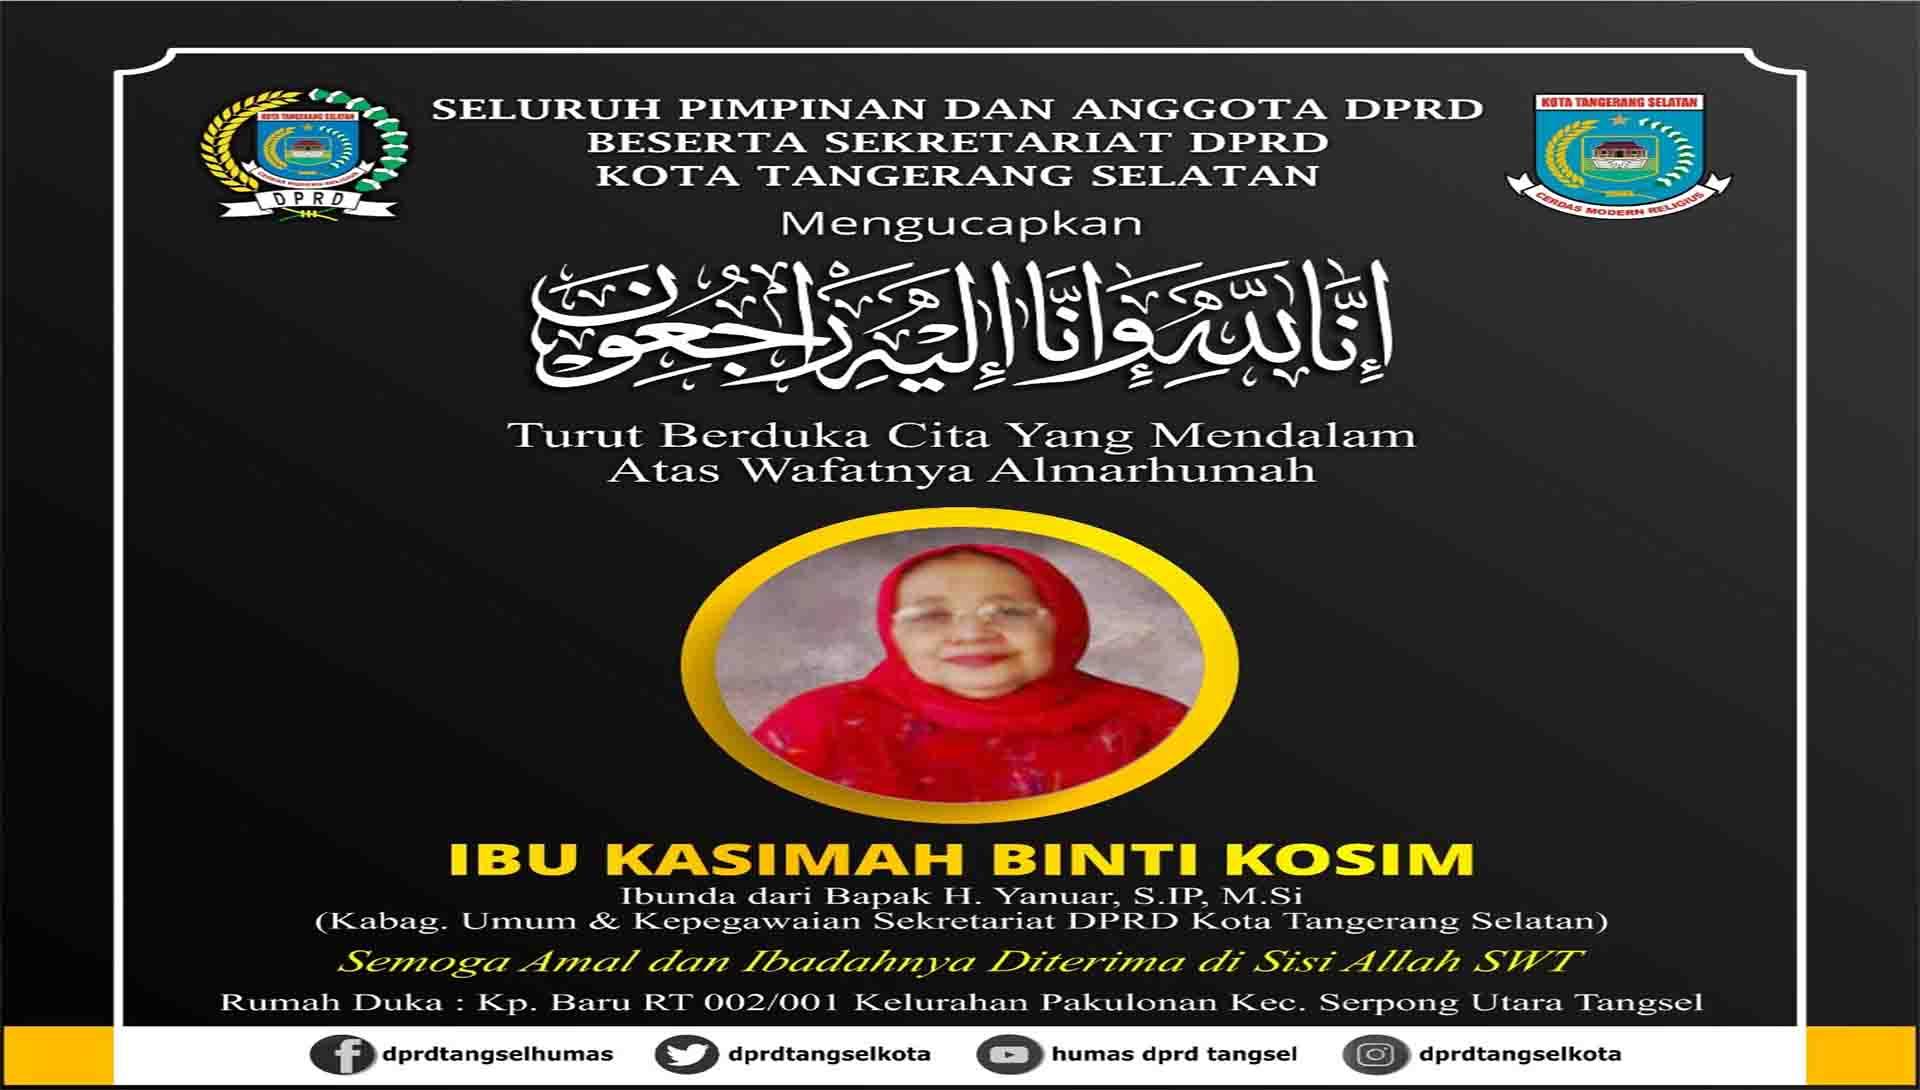 Turut Berduka Cita atas Meninggalnya Kasimah Binti Kosim